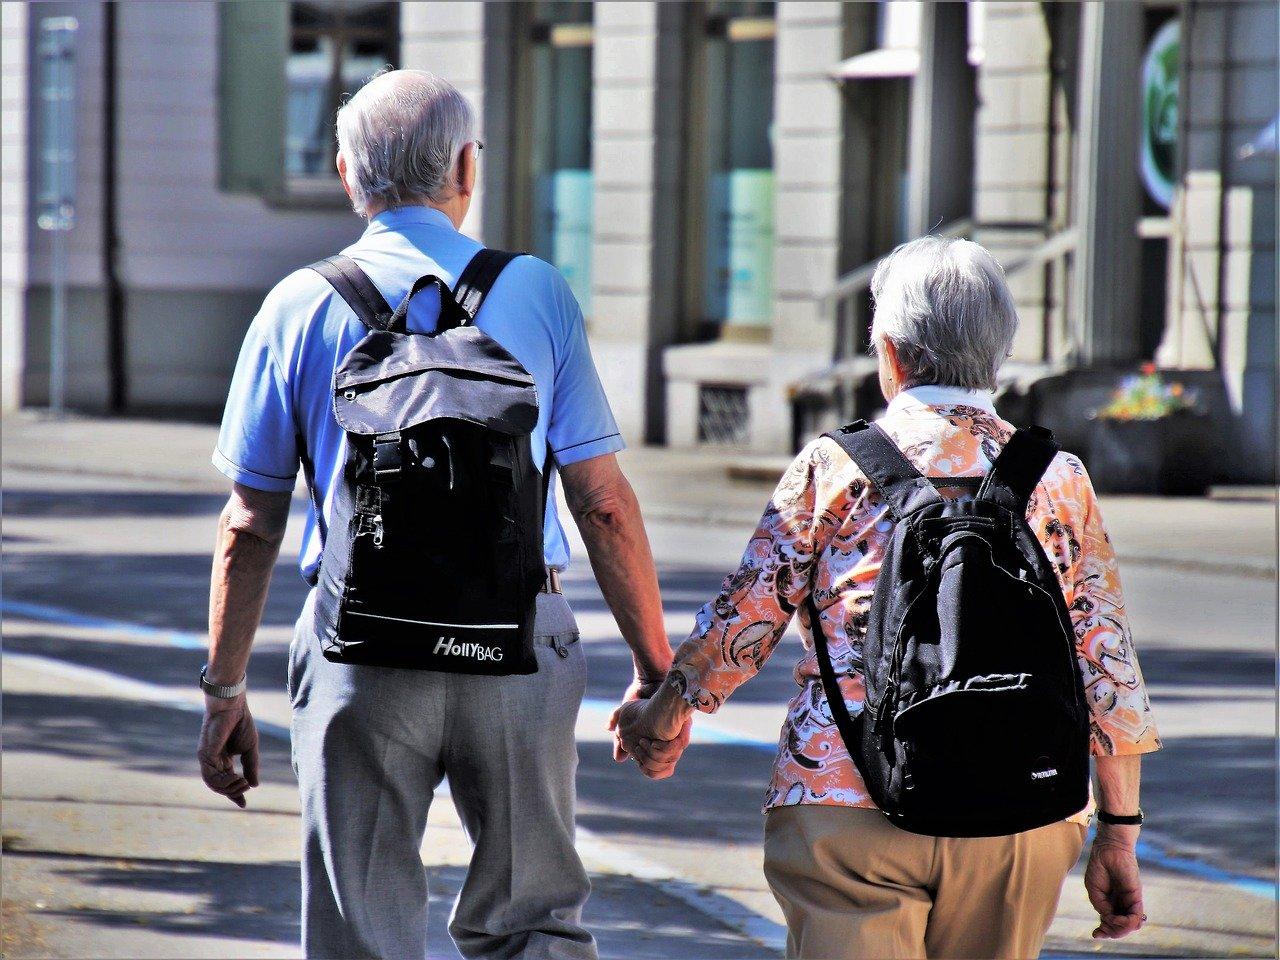 老後が不安な人は90%以上!セコムが老後の不安に関する意識調査の結果を発表!